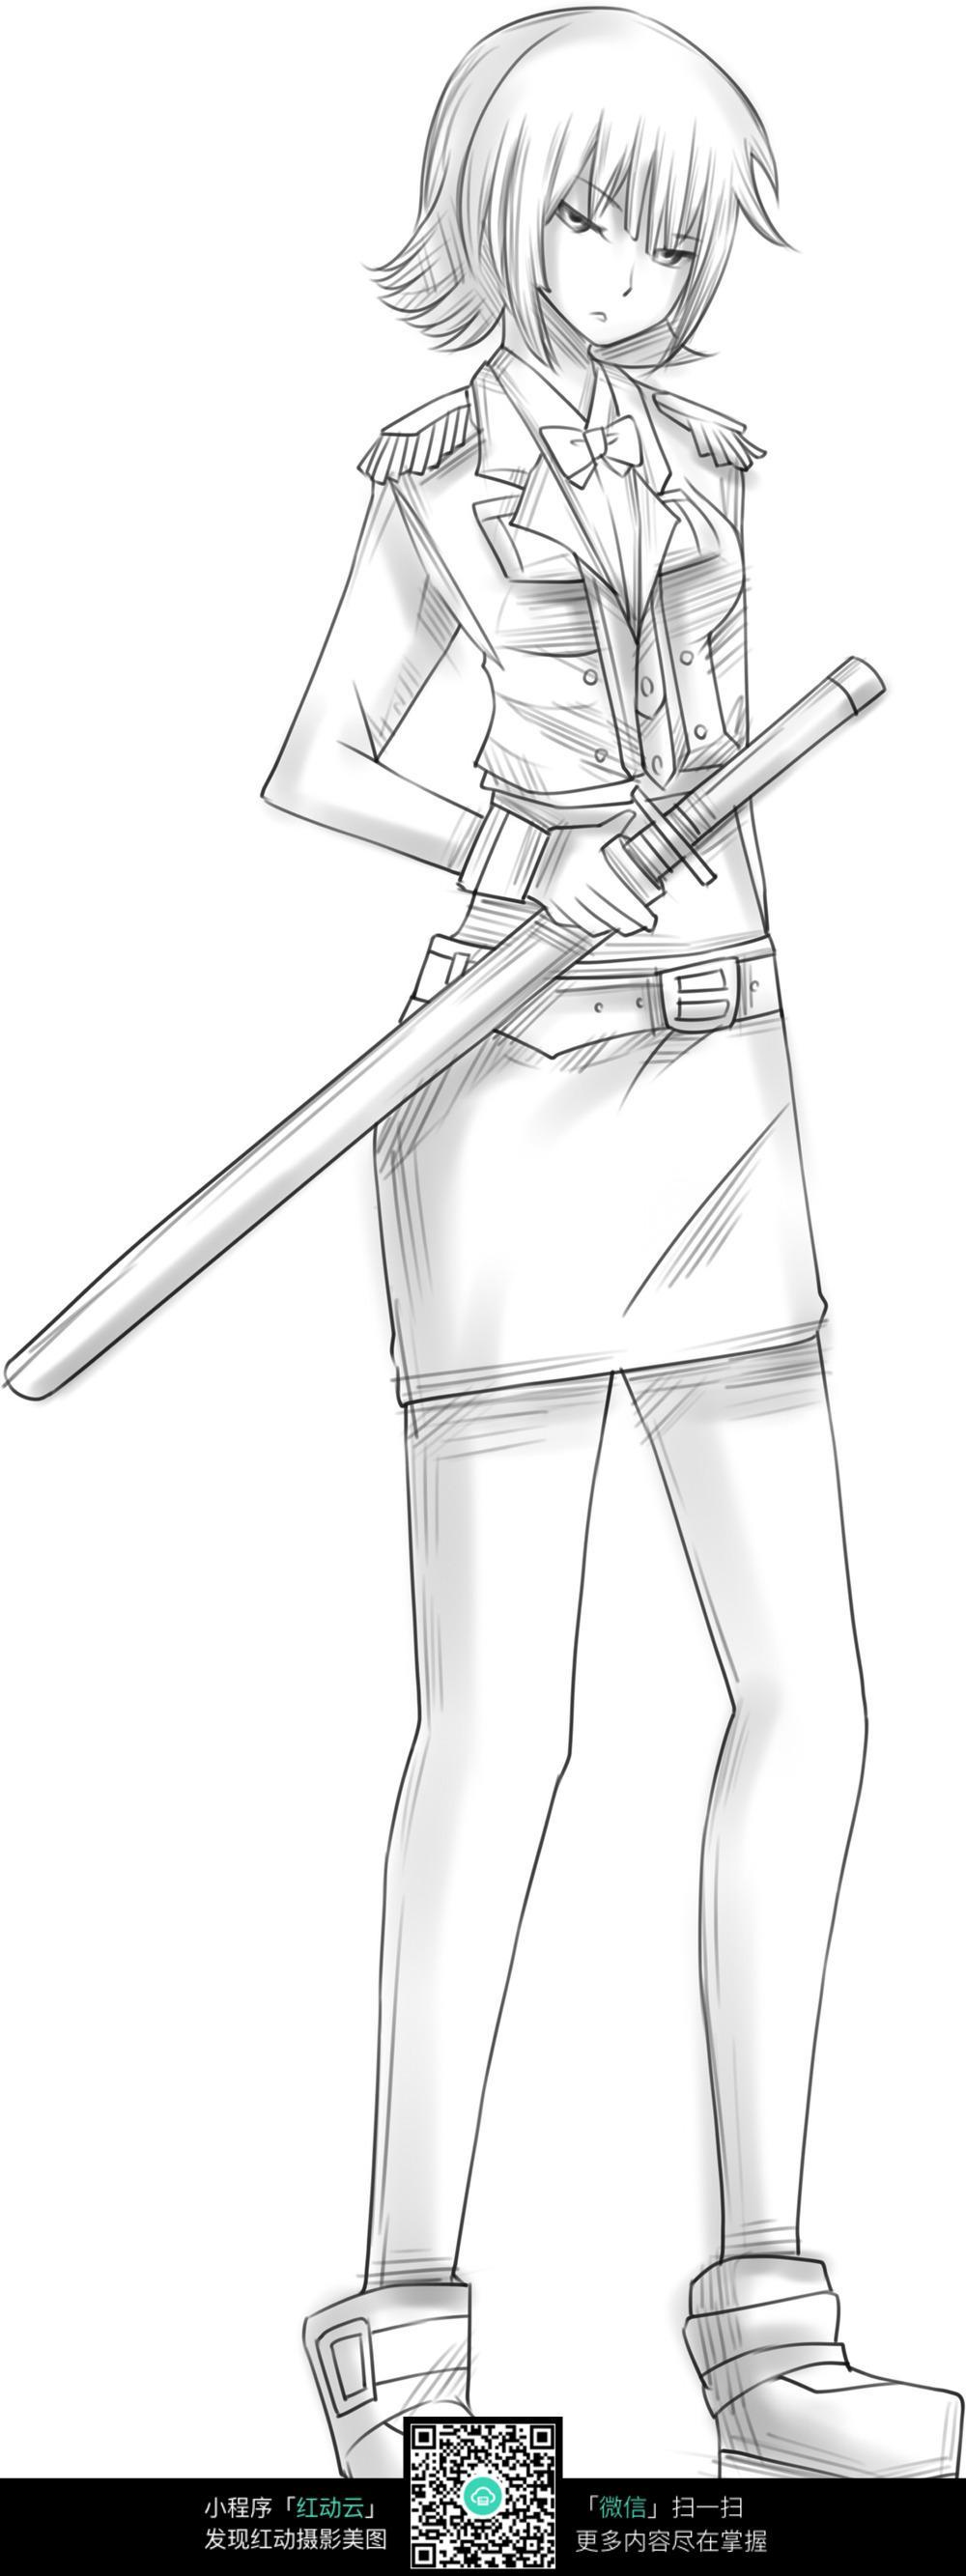 漫画 女人 军装 佩剑 短发 个性 帅气 手绘